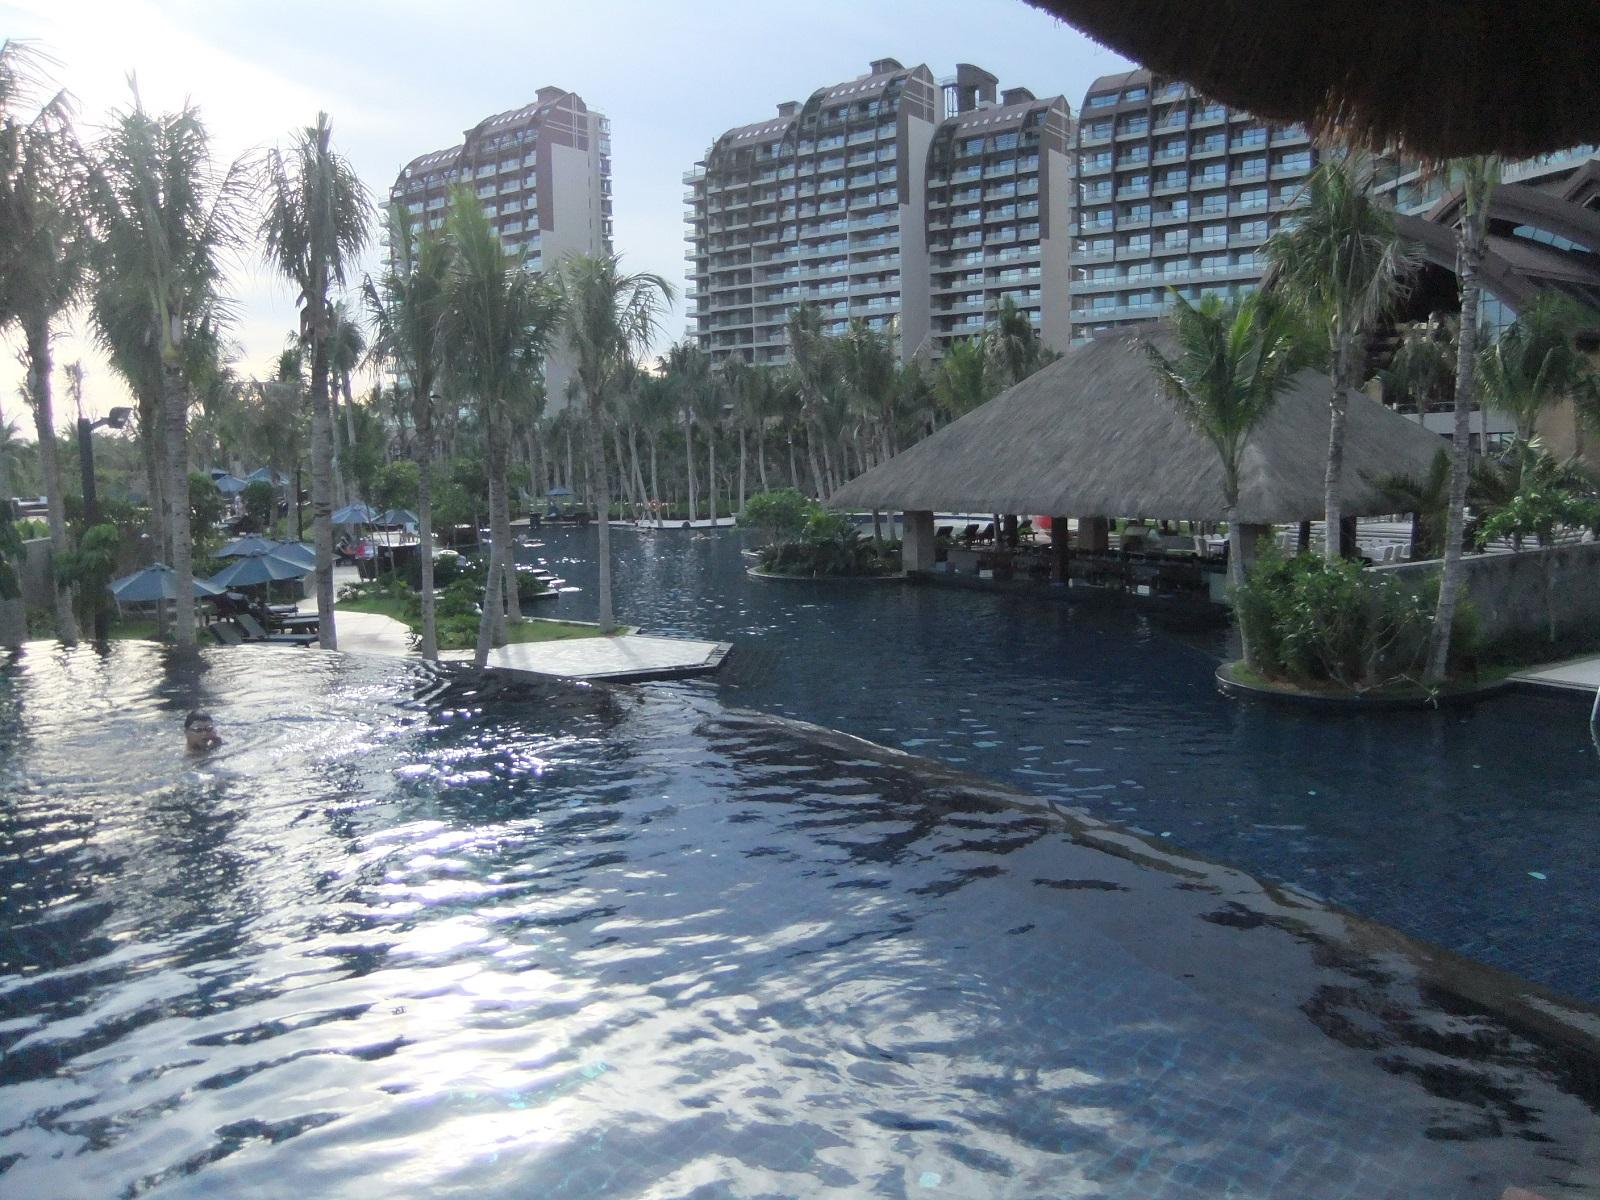 惠州白鹭湖喜来登度假酒店